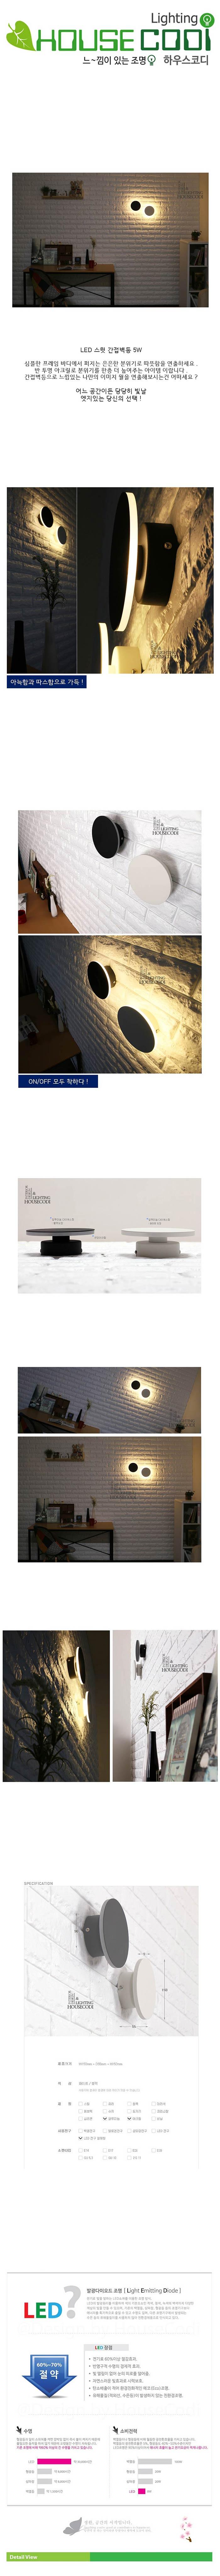 LED 스윗 간접벽등 5W - 하우스코디, 96,300원, 리빙조명, 벽조명